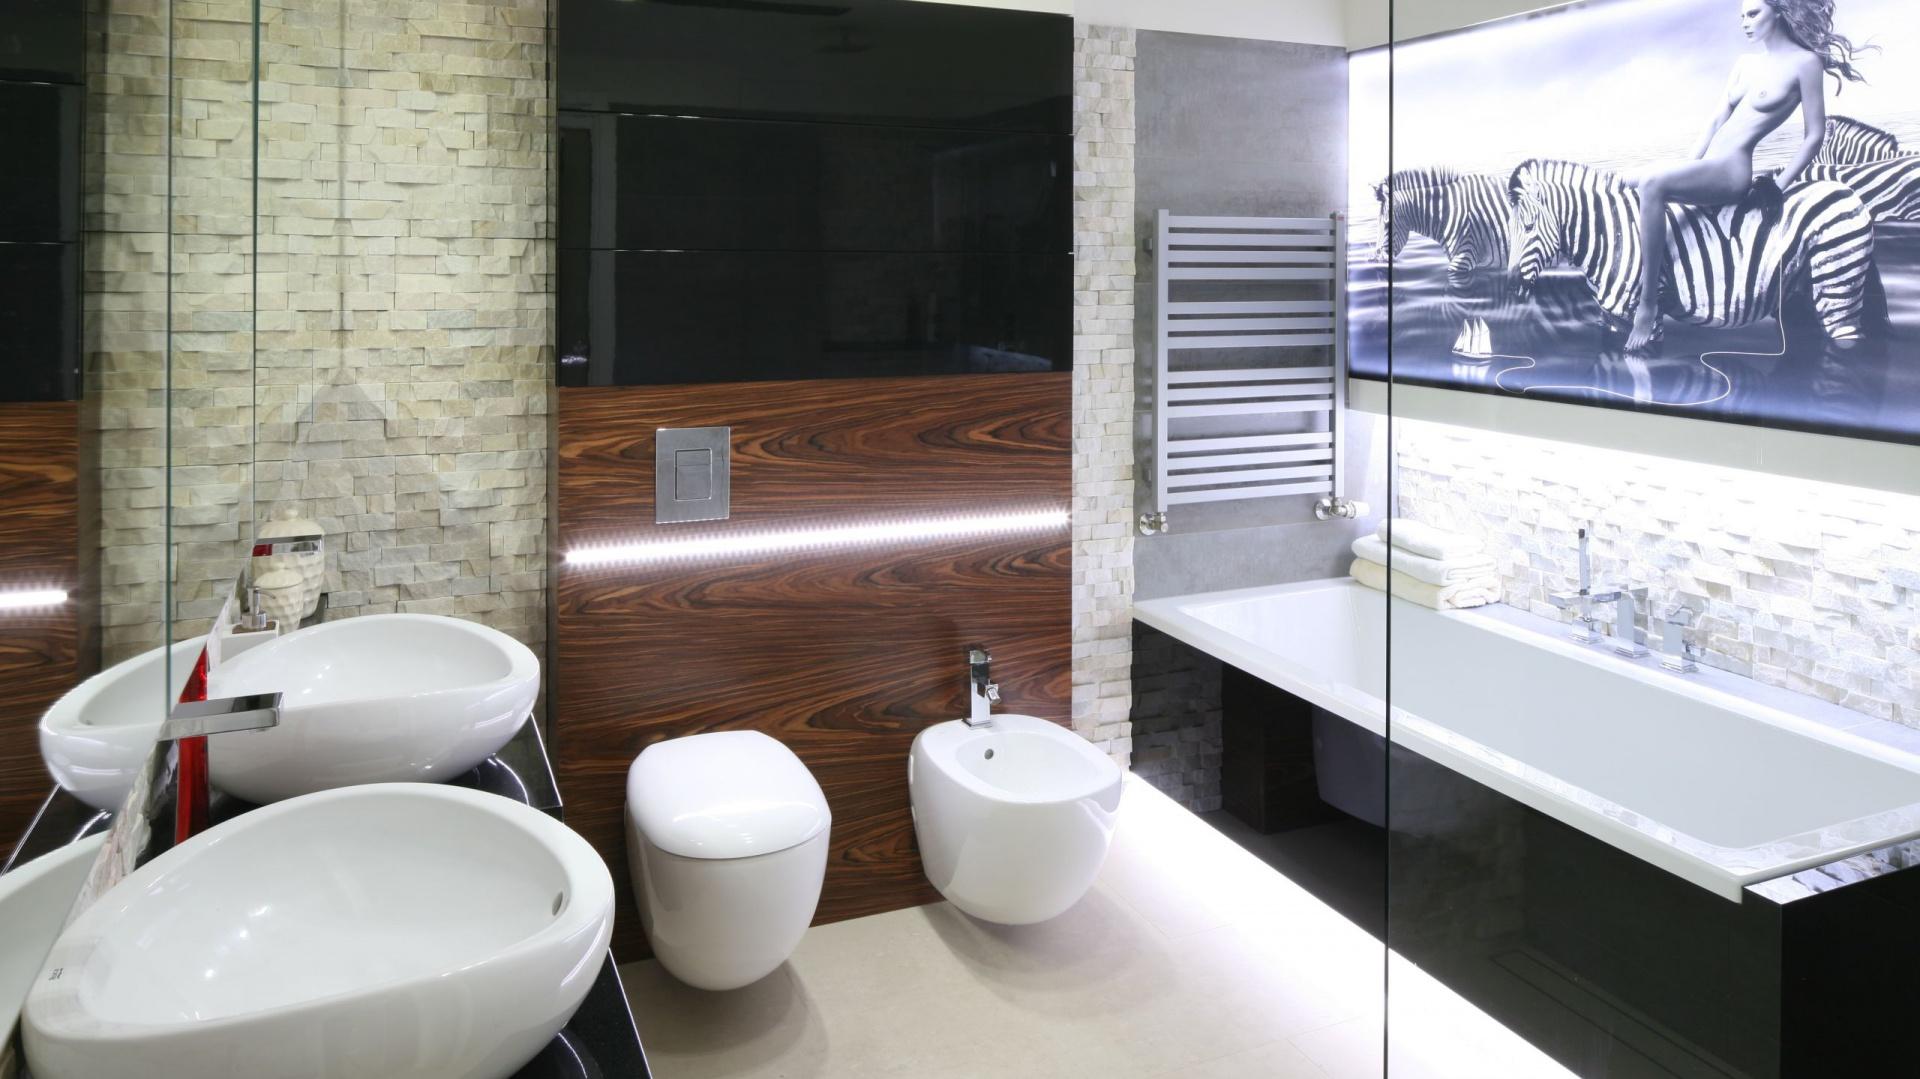 łazienka Z Ozdobnym Kamieniem Wnętrze W Szlachetnych